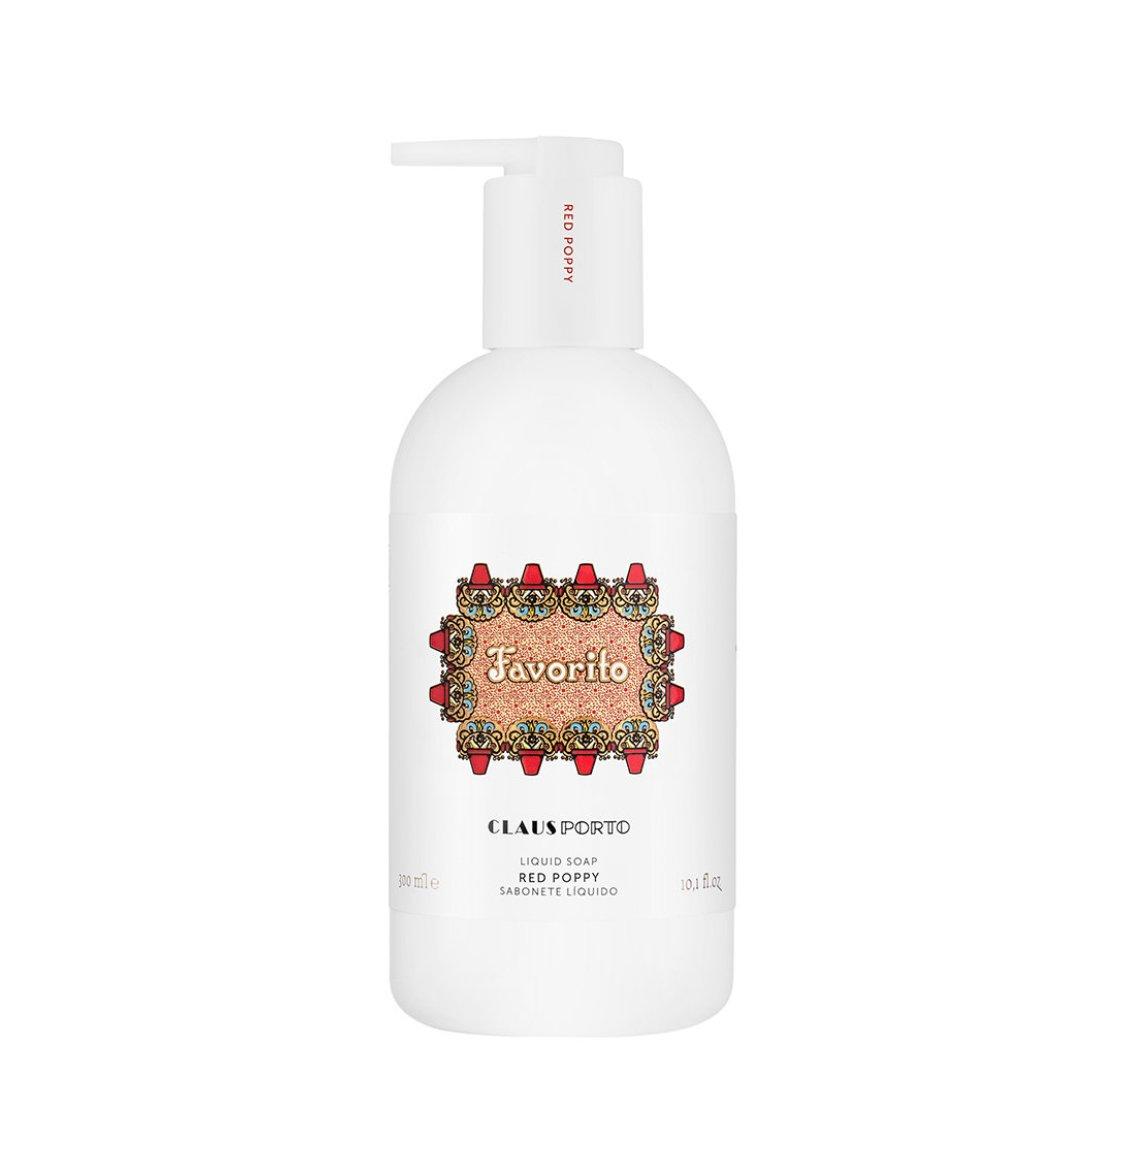 Claus Porto Deco Favorito Liquid Soap 300ml